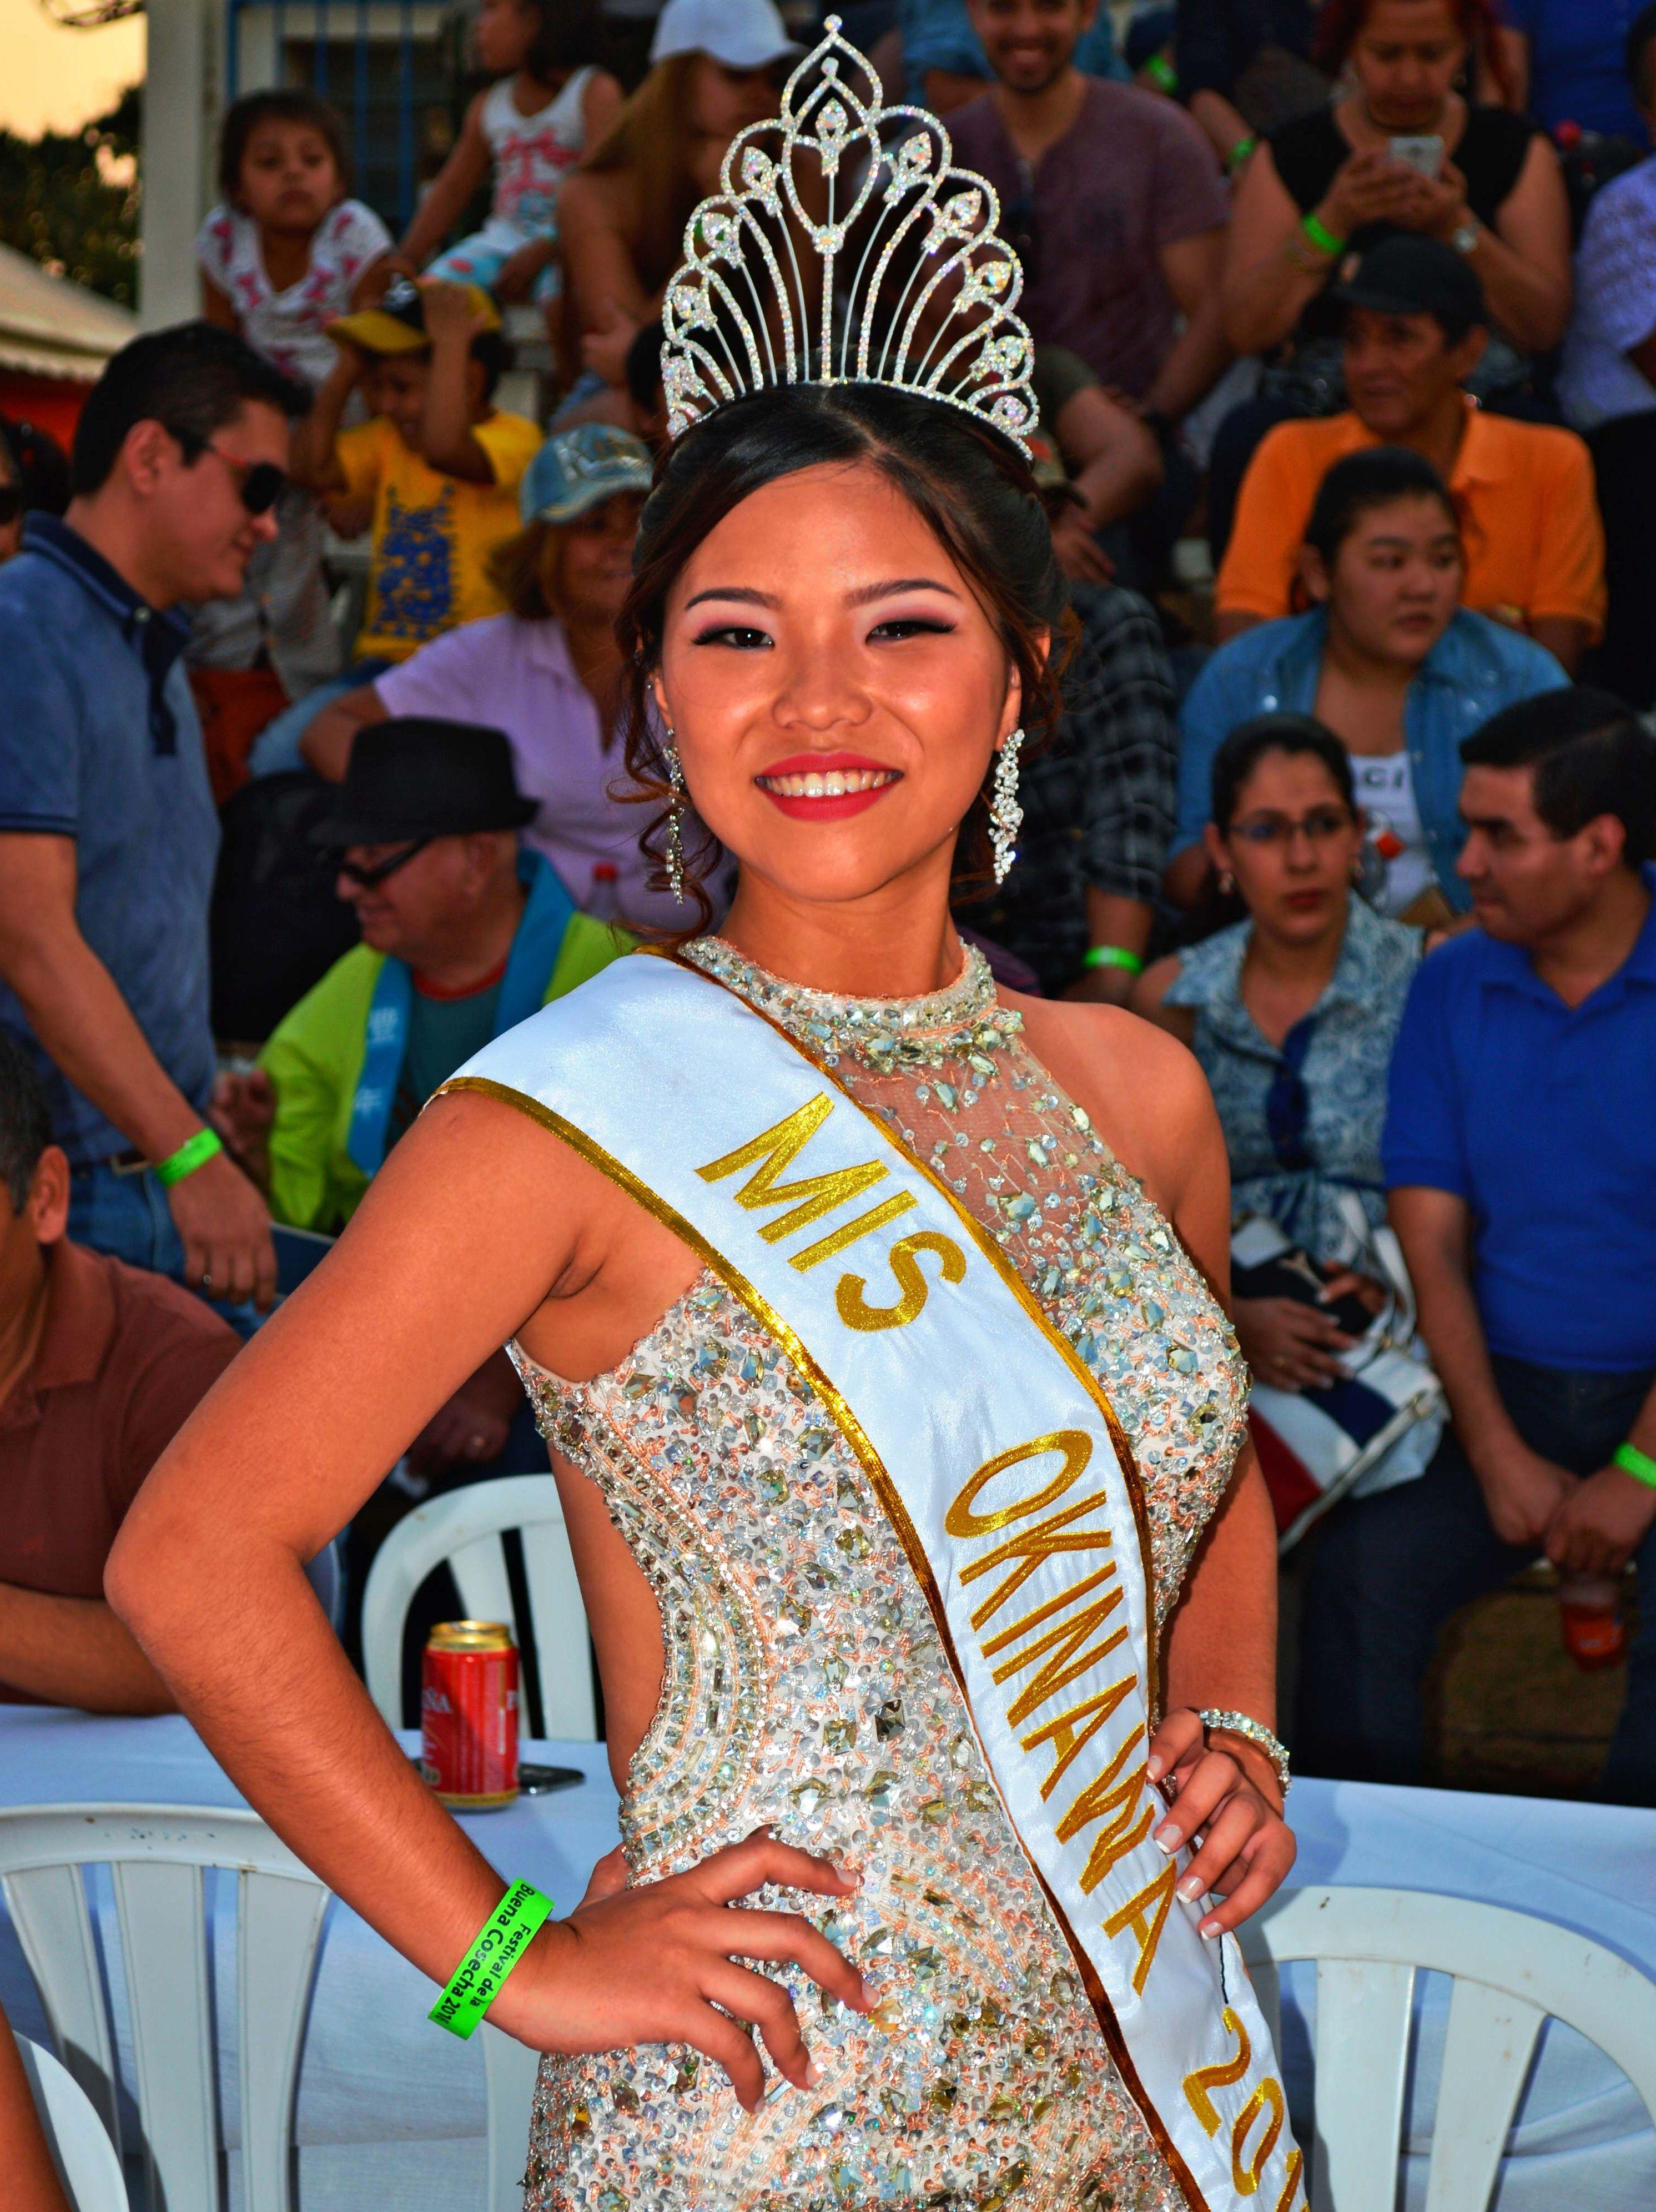 ボリビアの「ミス・オキナワ」決まる 会計士目指す大学3年生